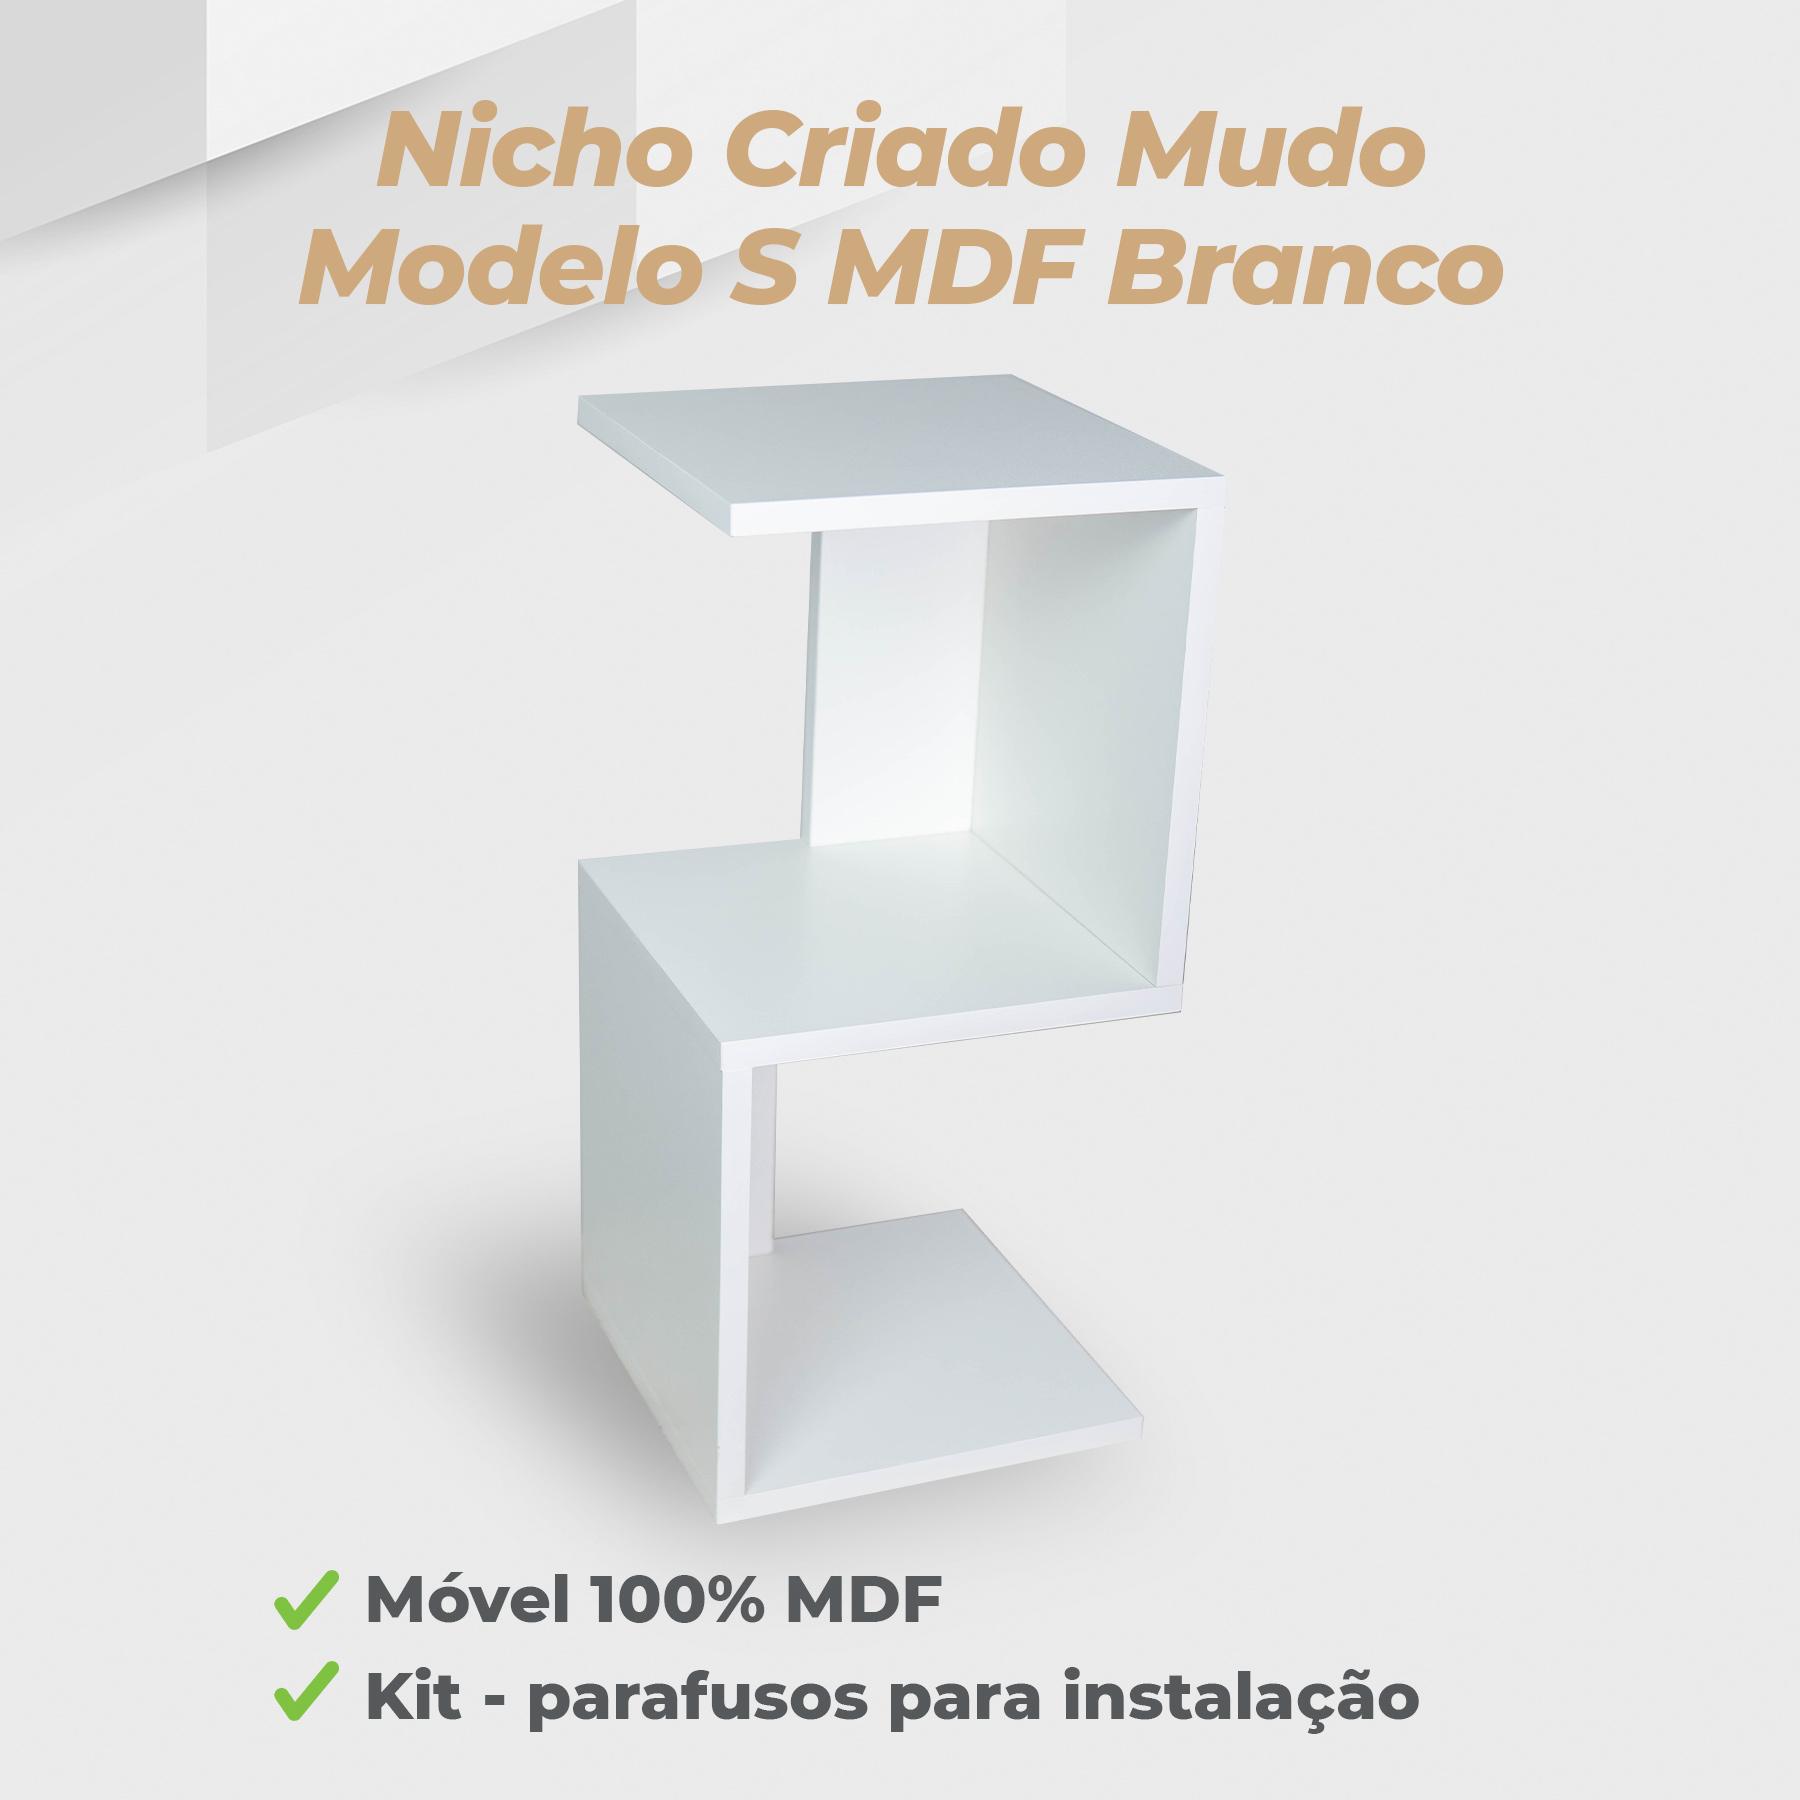 Nicho Criado Mudo Modelo S MDF Branco